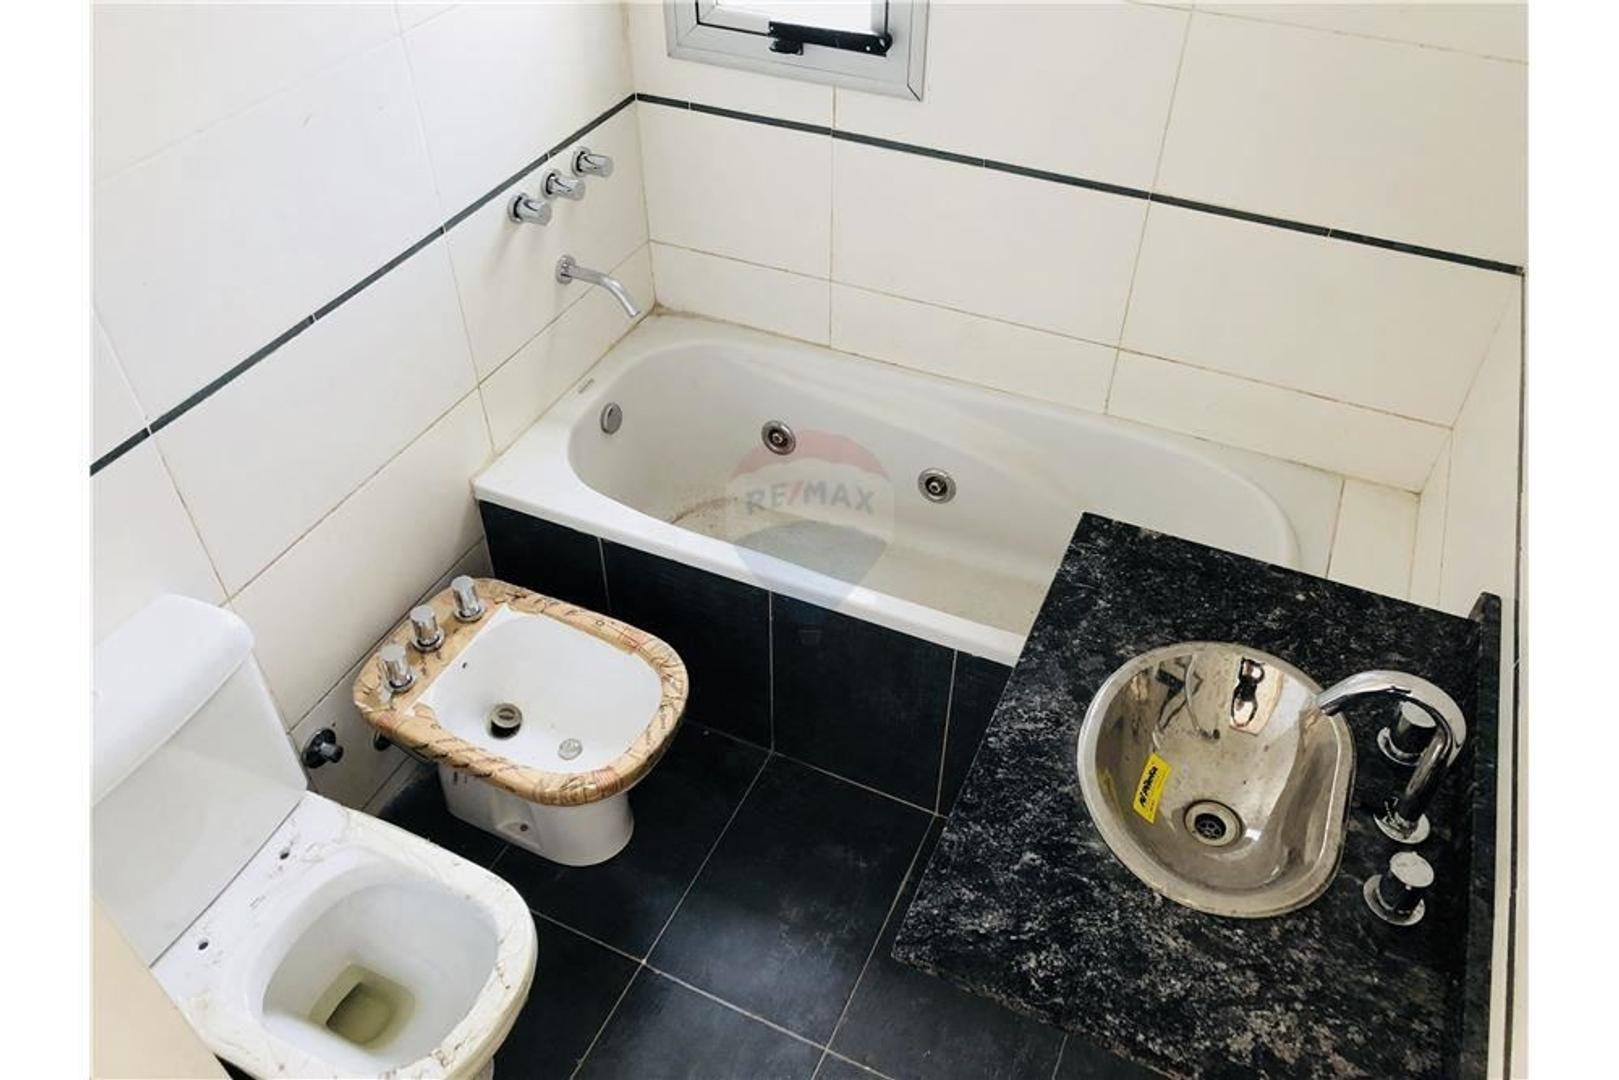 Departamento en Venta en Villa Real - 2 ambientes